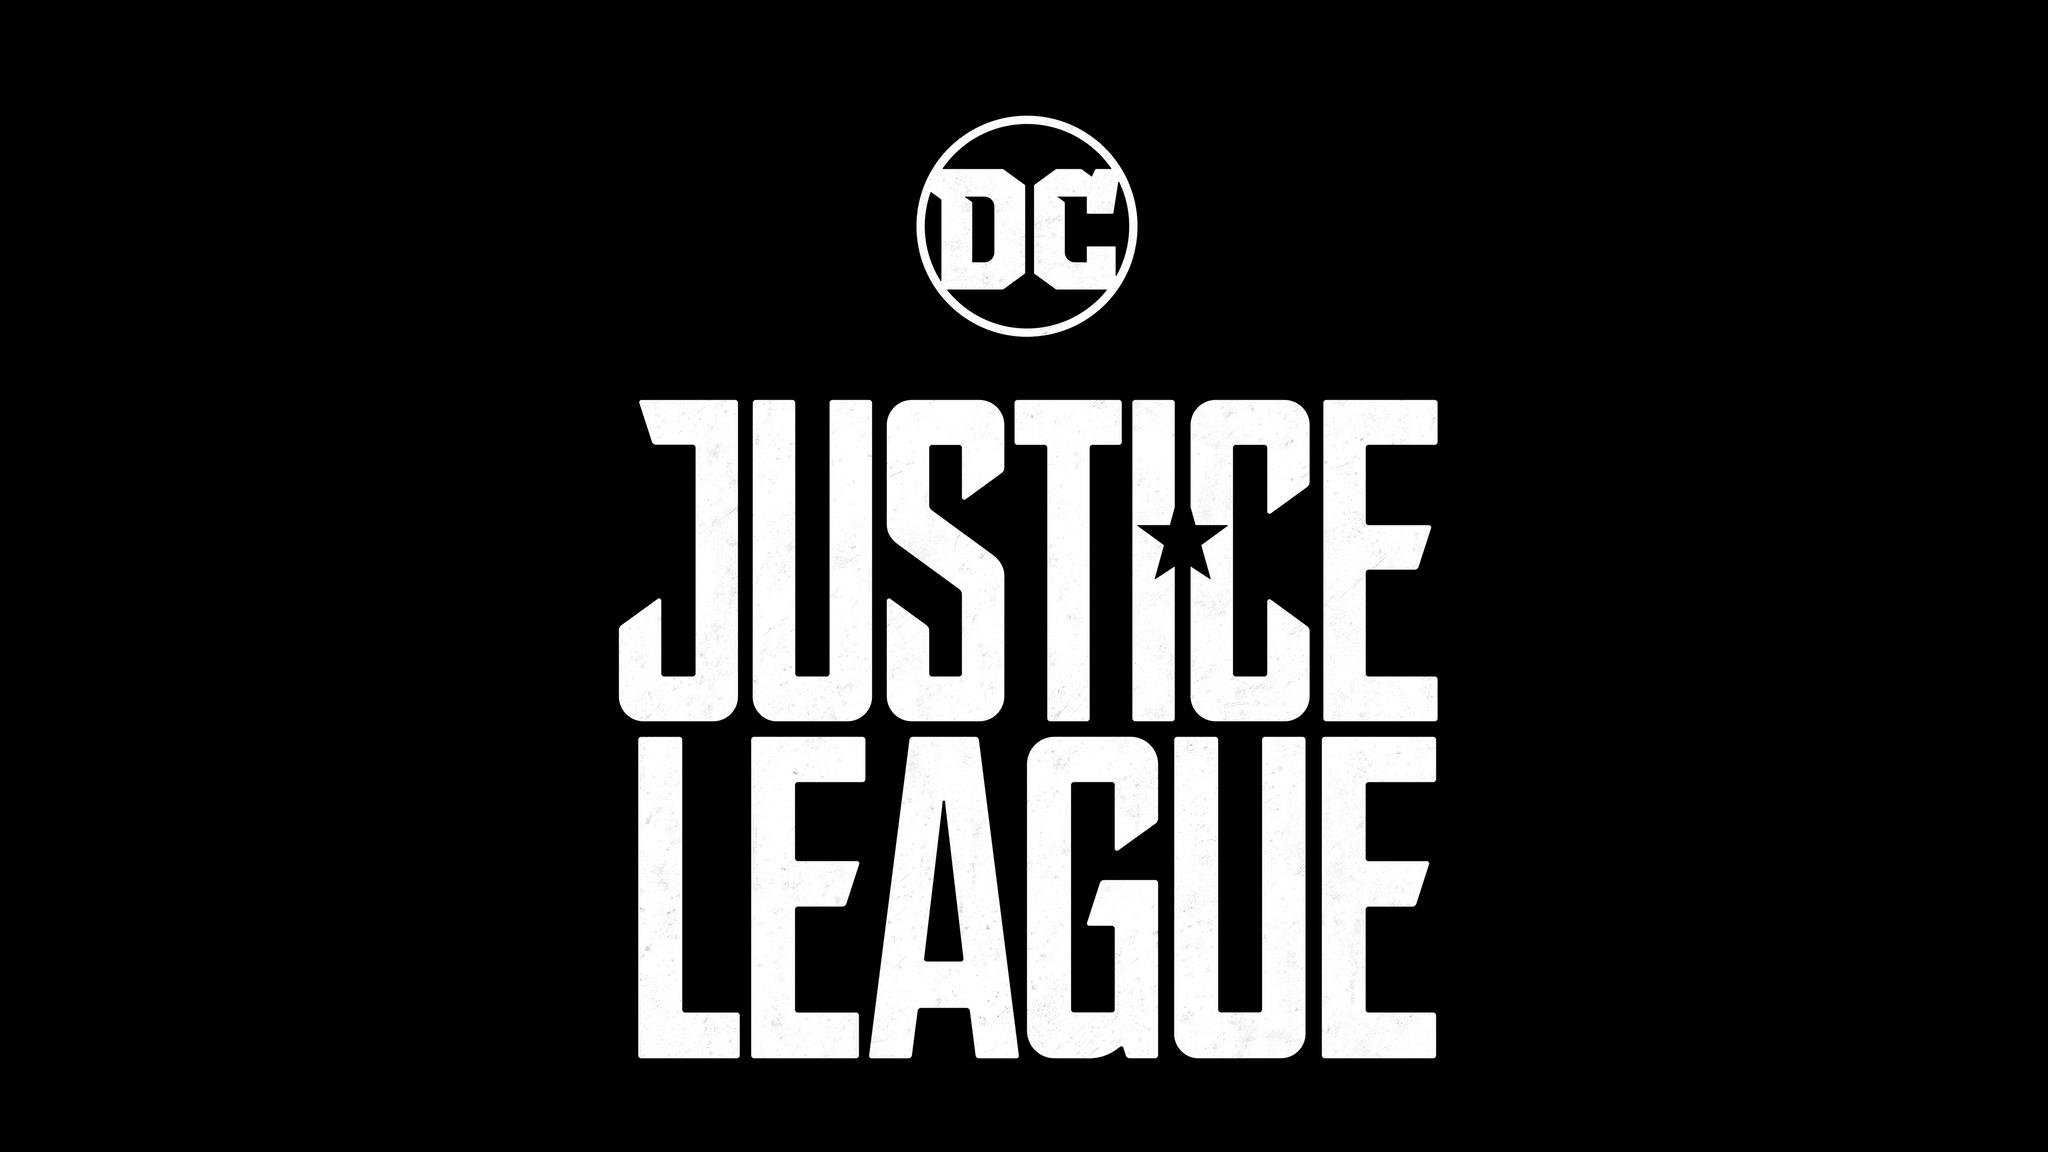 Justice League DC logo